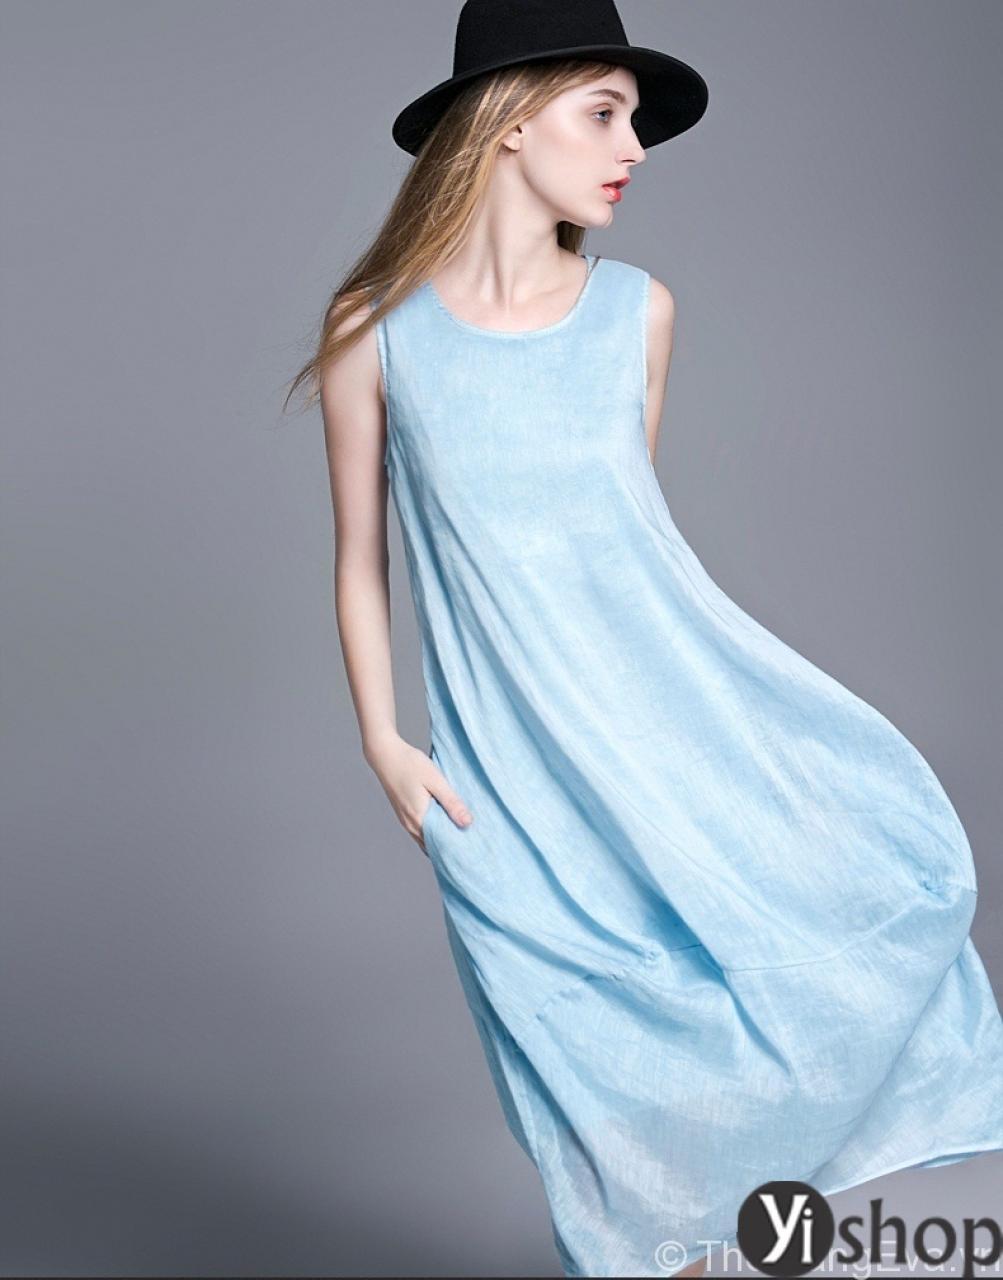 Váy đầm liền không tay đẹp thời trang hè duyên dáng quyến rũ